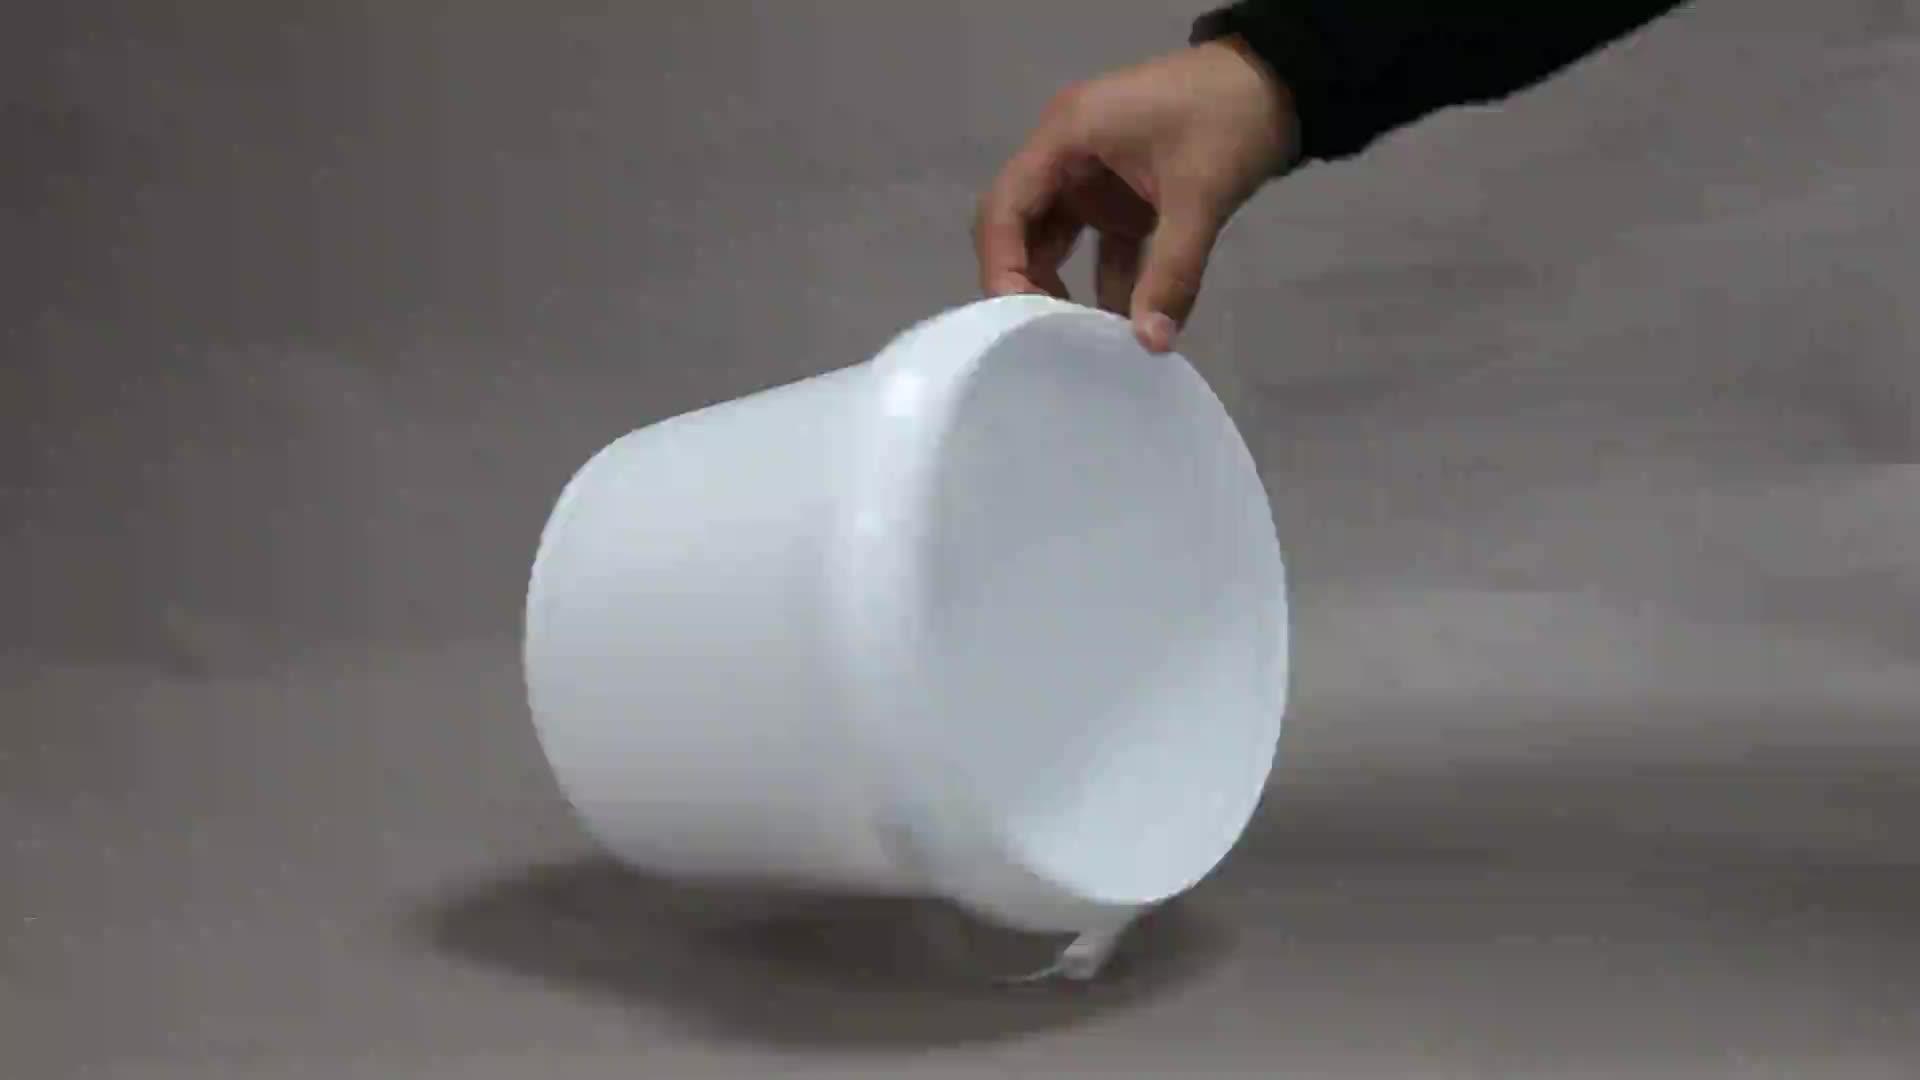 دلو بلاستيكي لحفظ الطعام سعة 15 لتر للطلاء